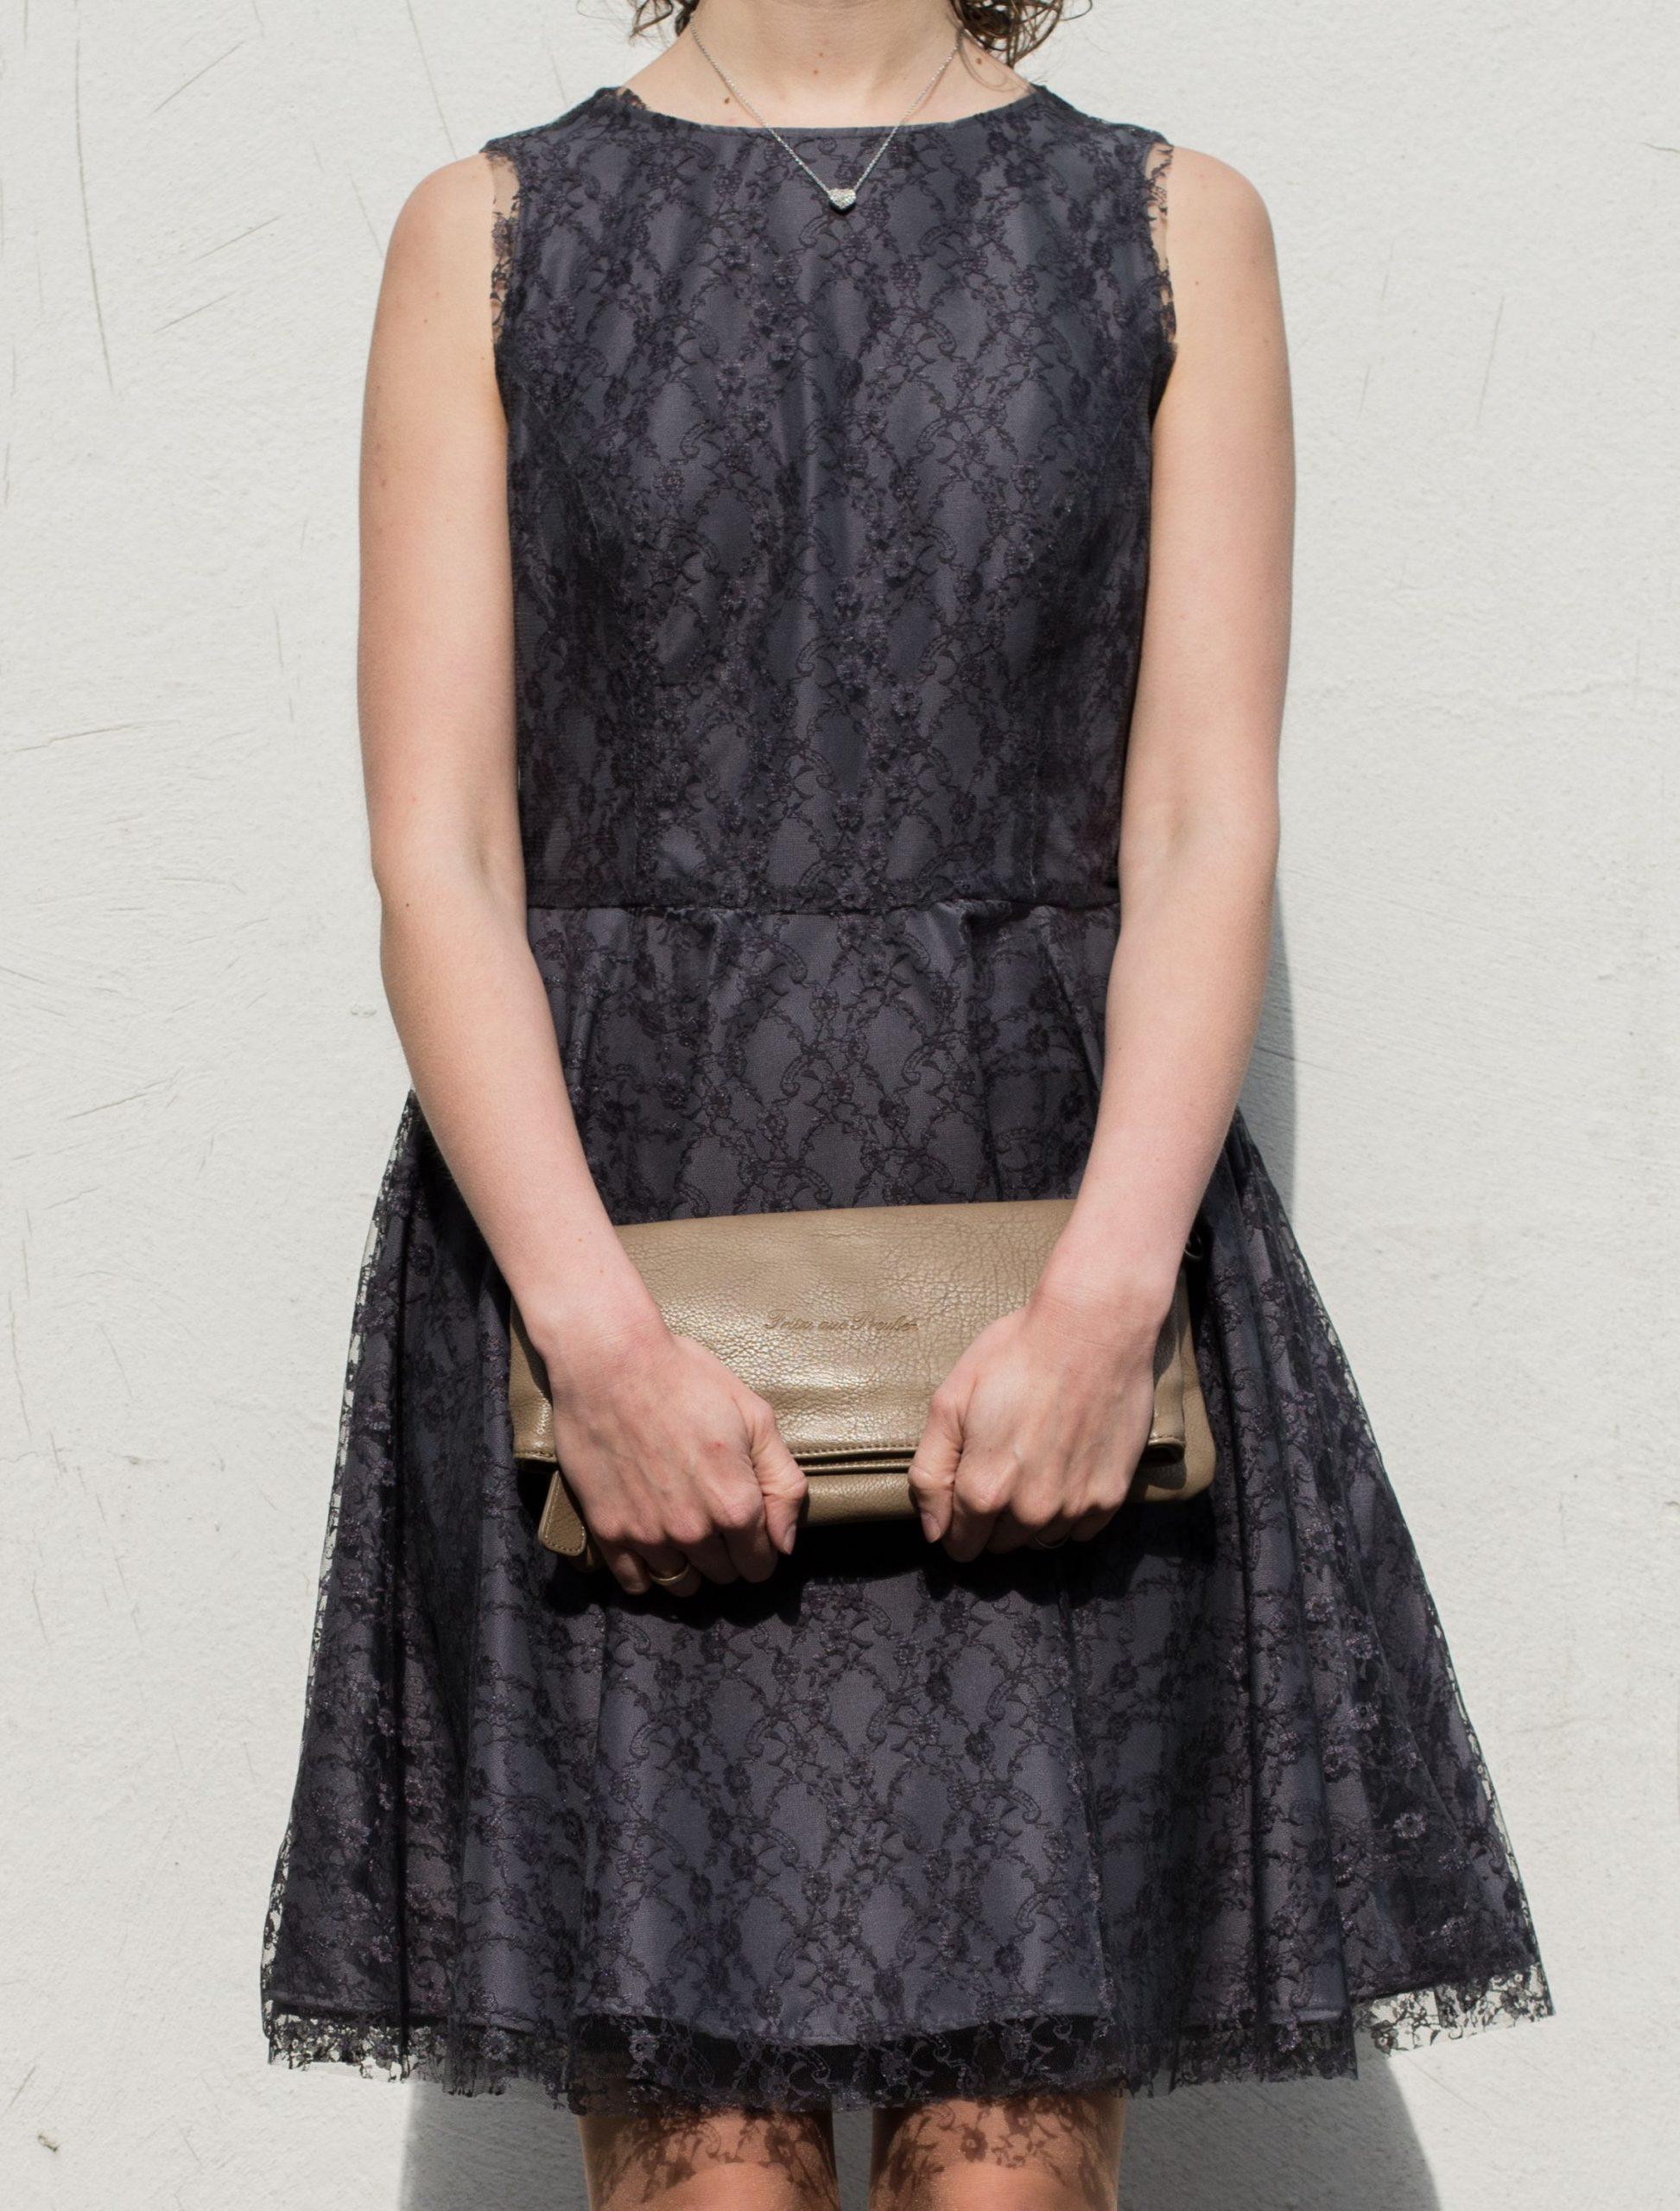 Mein Romantisches Retro Kleid  Kleidung Selbermachen